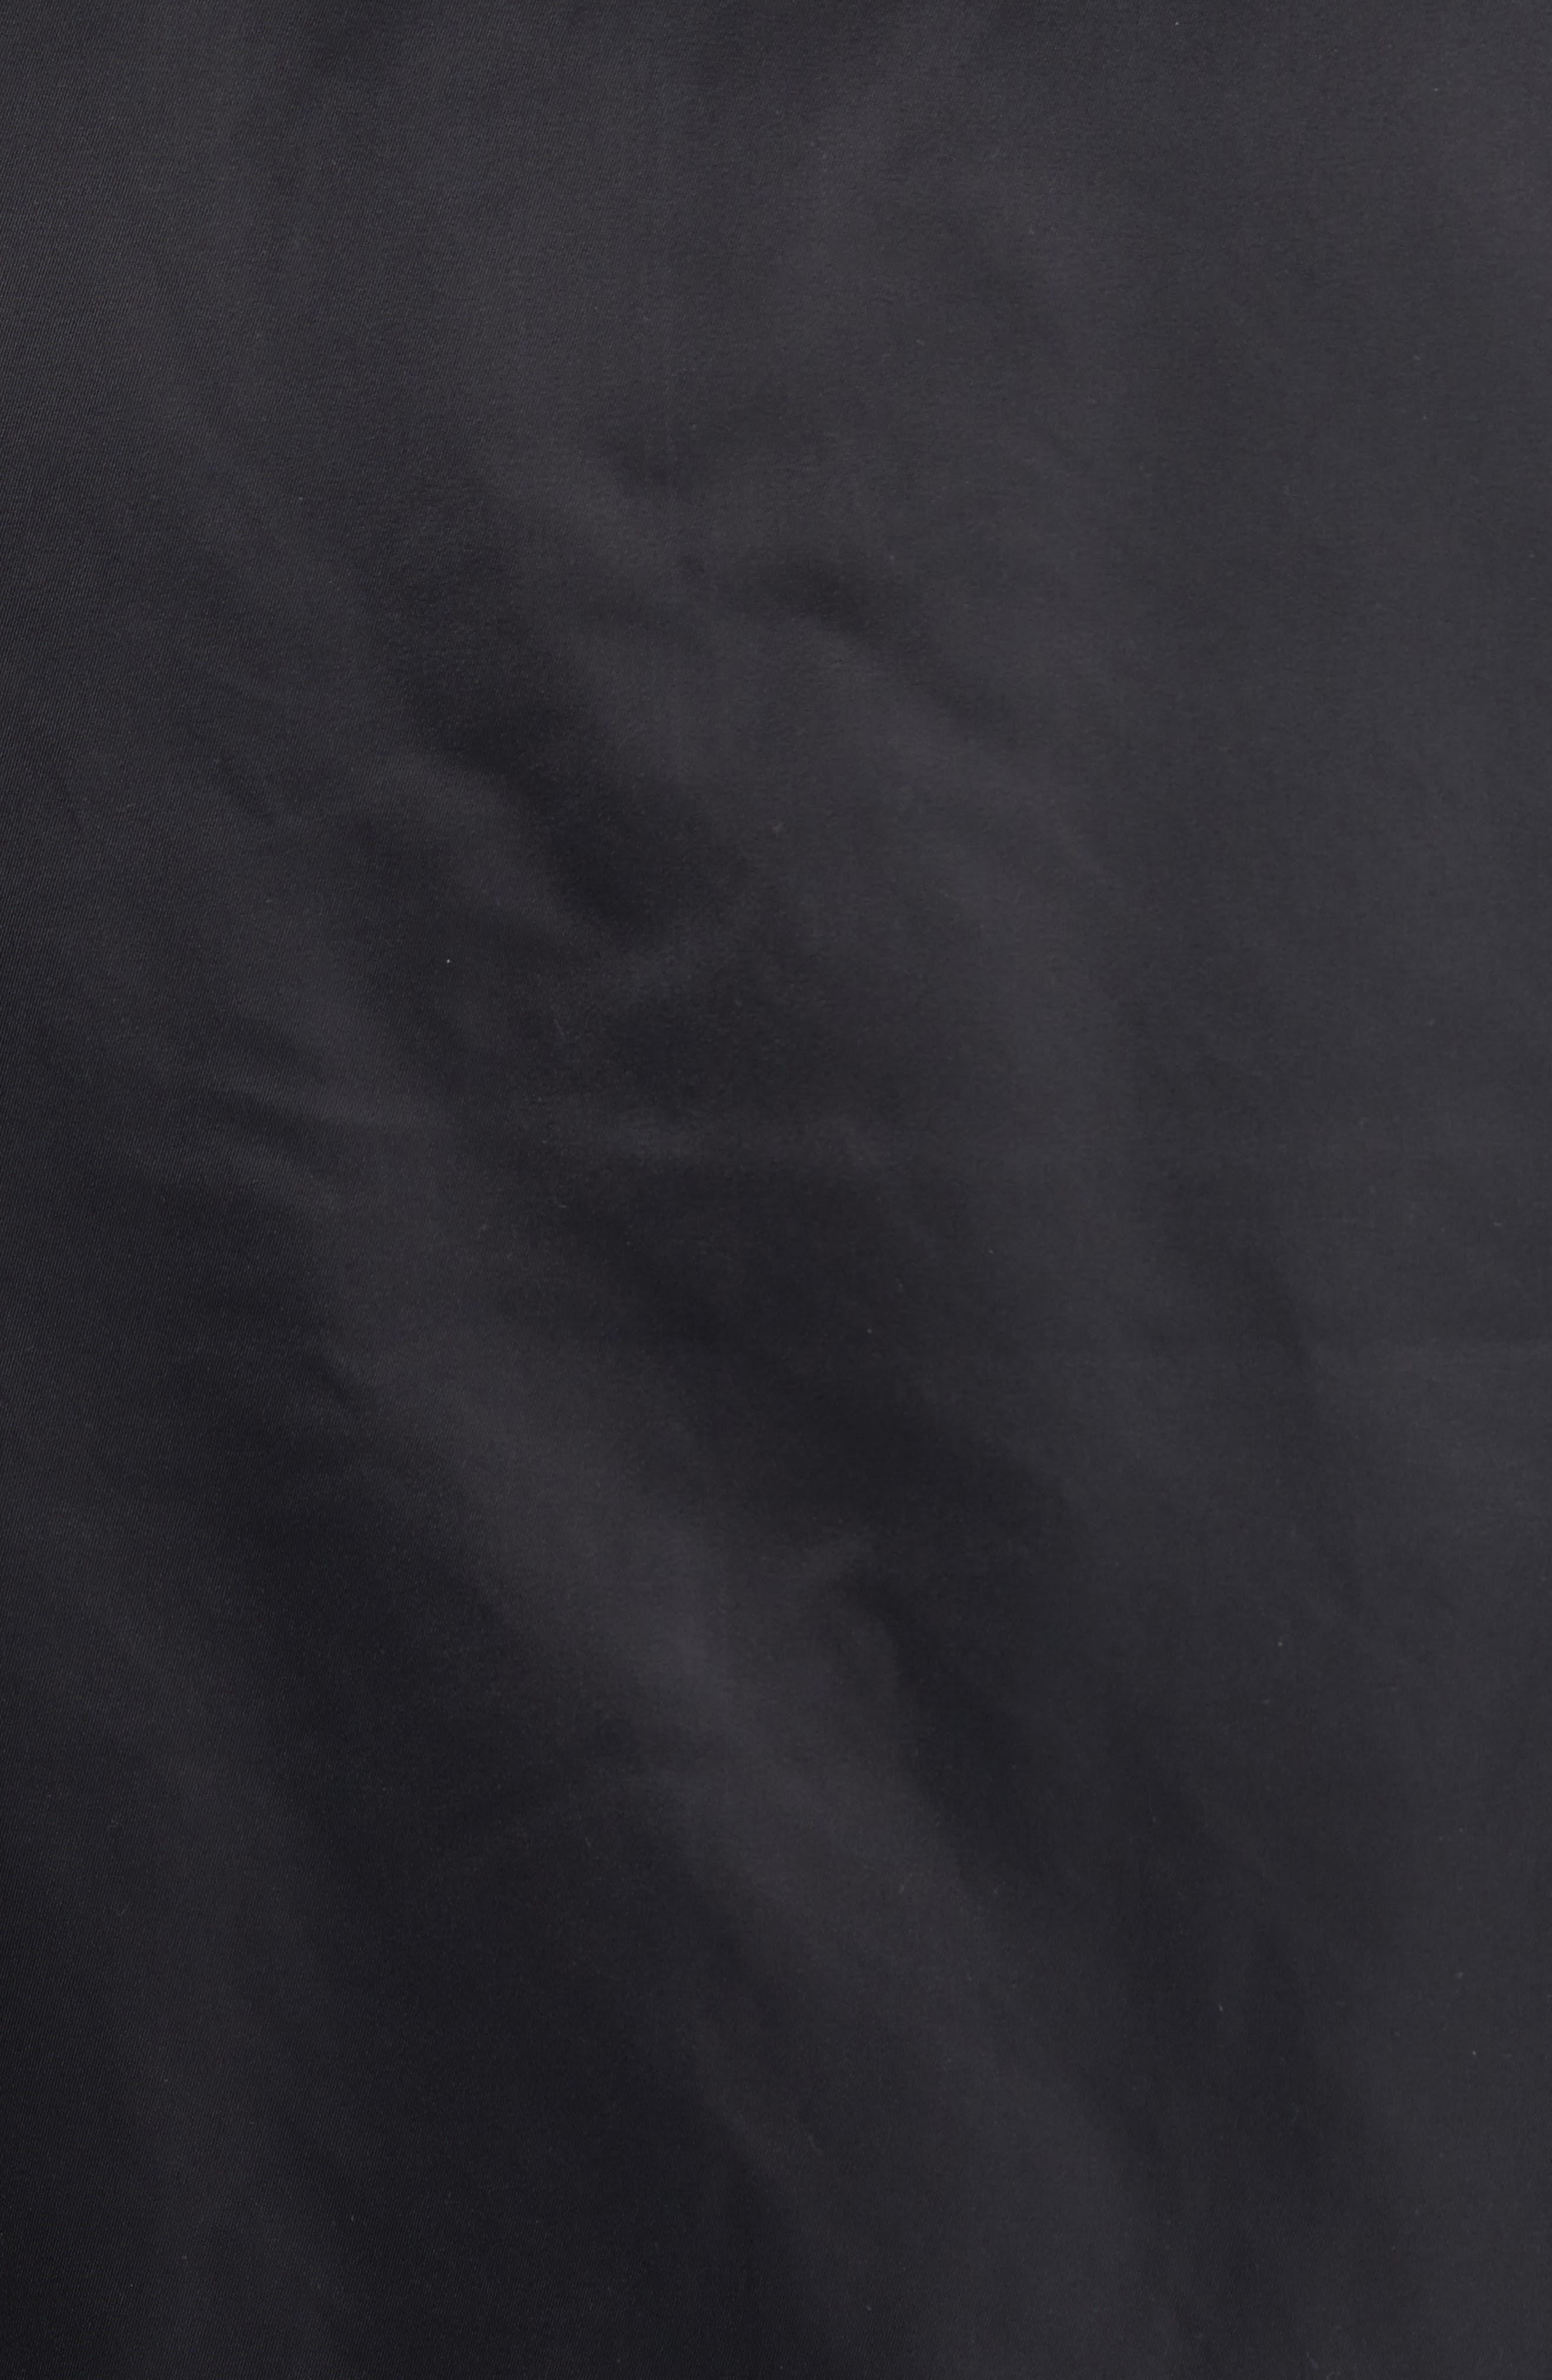 Ashton Bomber Jacket,                             Alternate thumbnail 5, color,                             Black/ Black